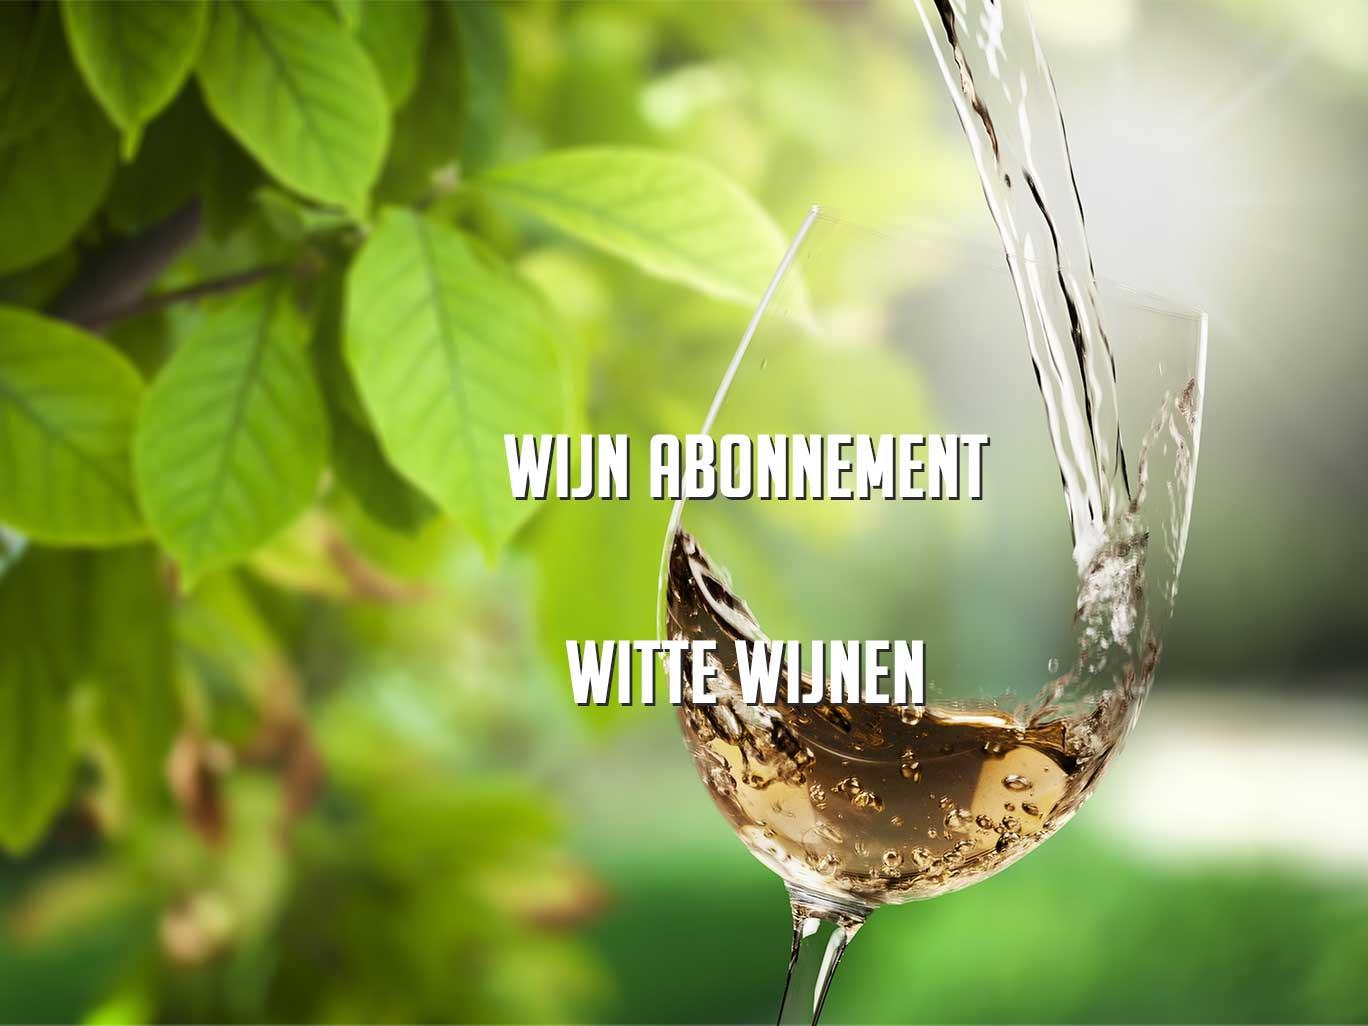 wijnabonnement witte wijn - wijnabonnementen.nl